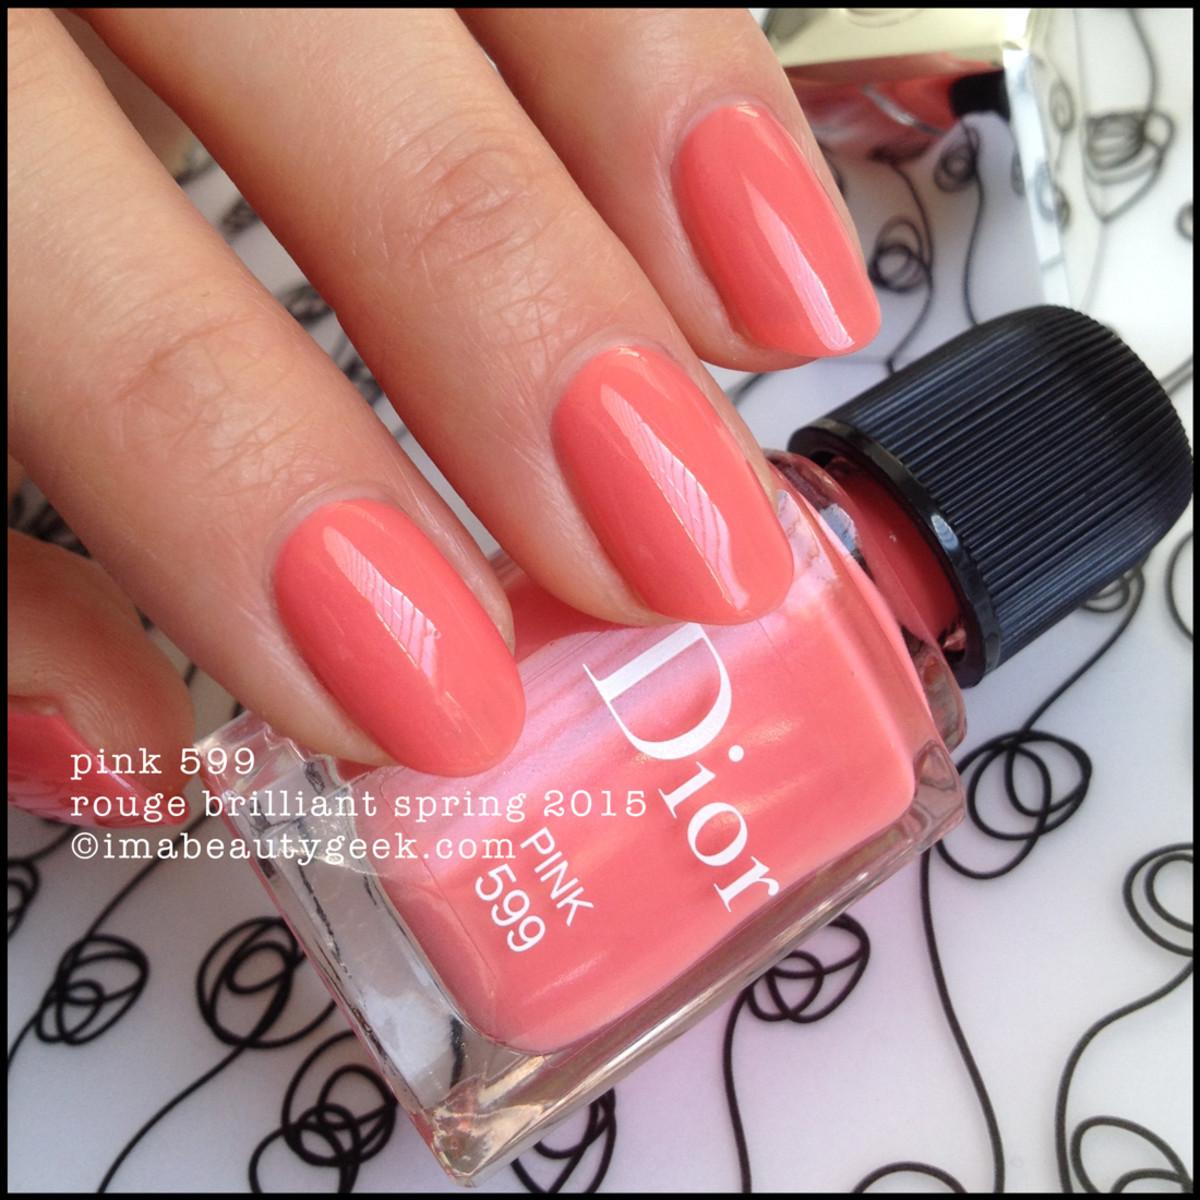 Dior Rouge Brilliant Spring 2015_Dior Pink 599 Vernis